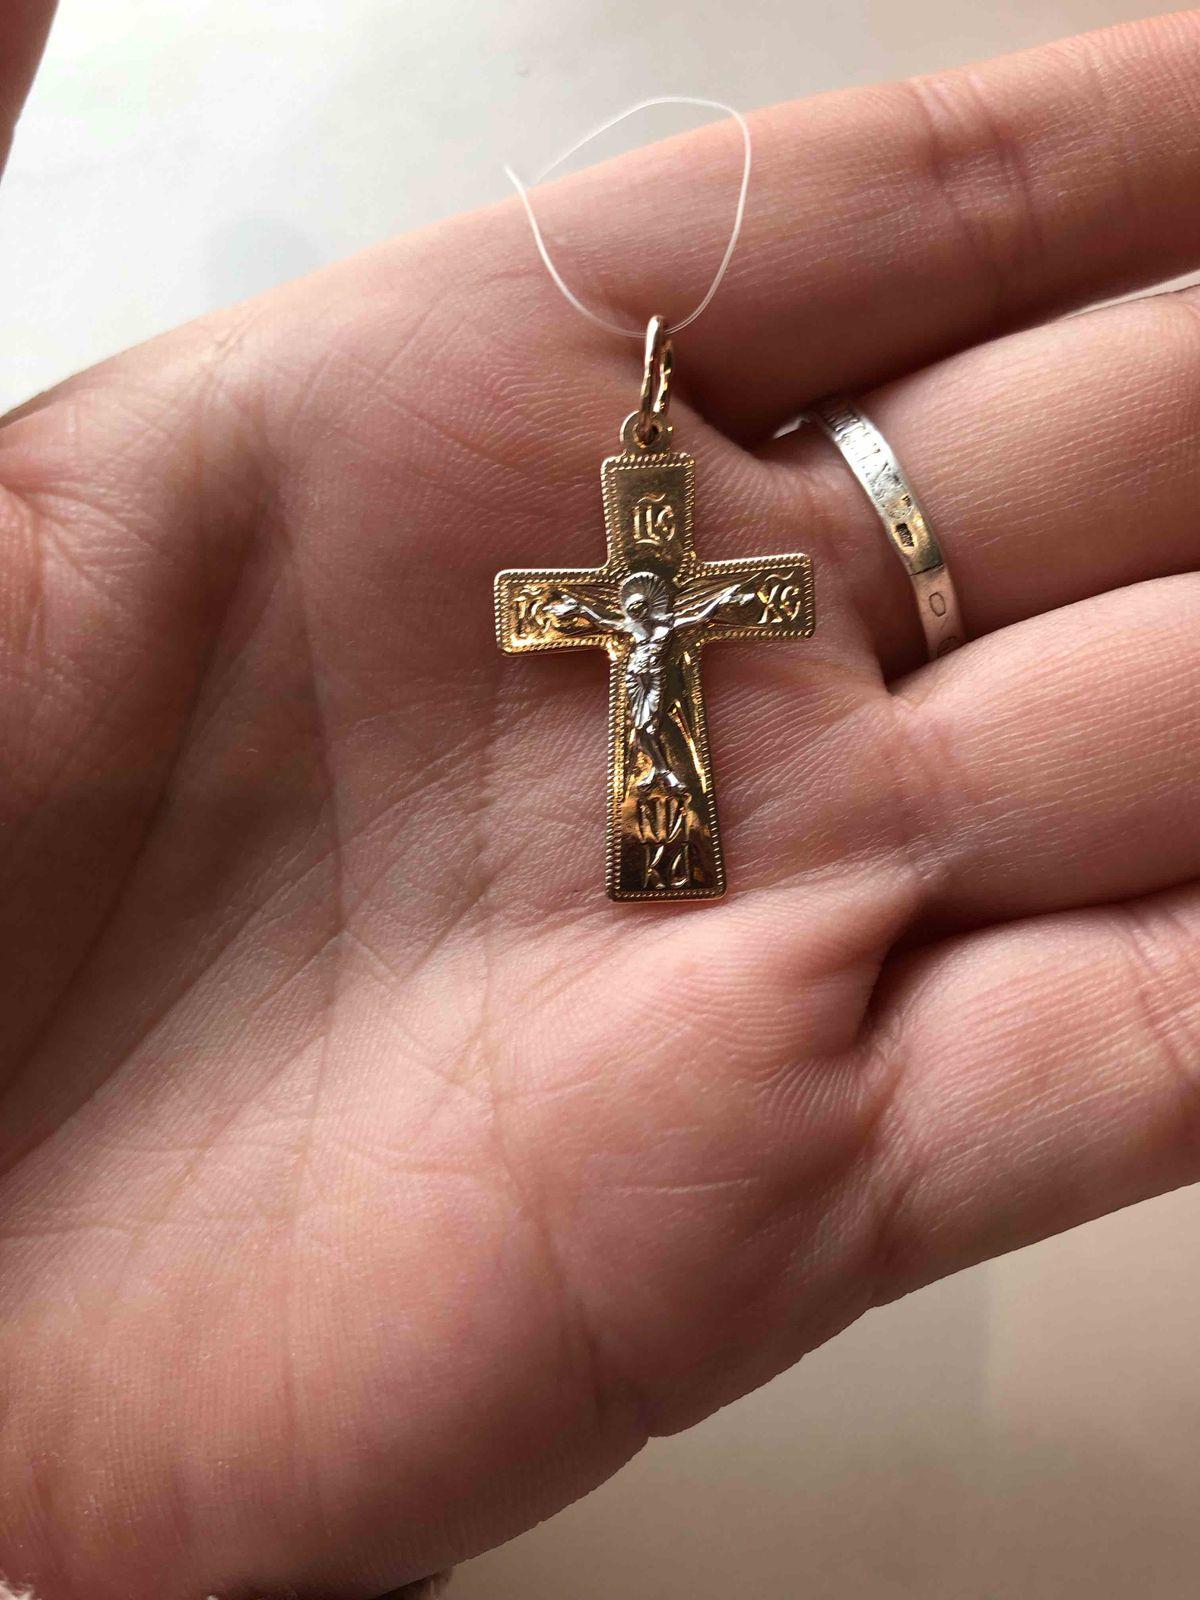 Покупали в подарок мужчине шикарный крест!! Был доволен !